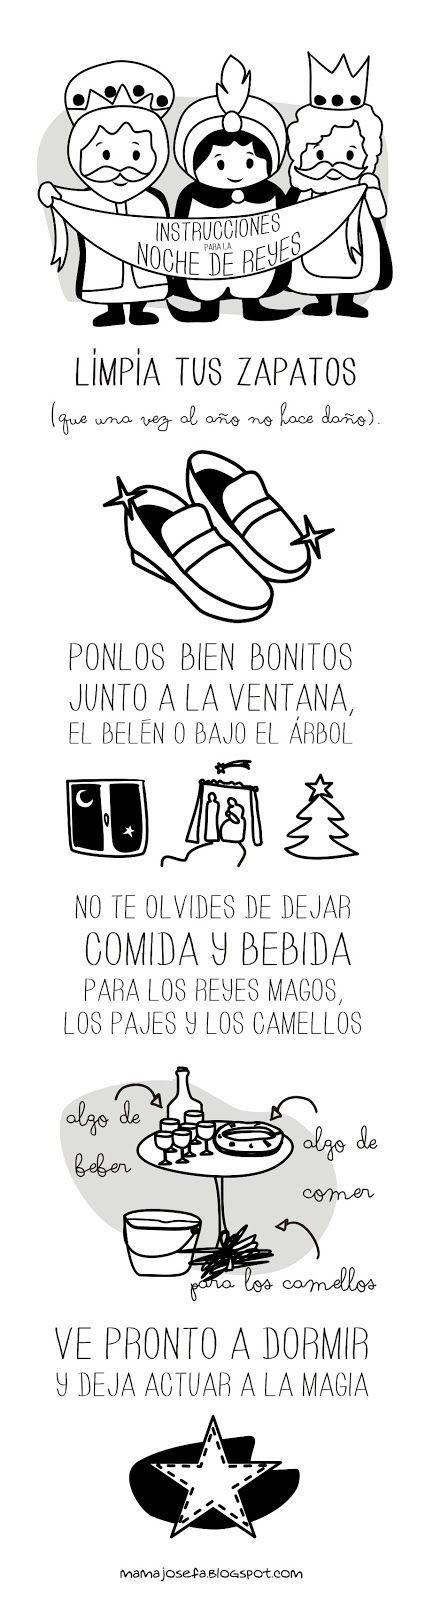 Los Reyes Magos! - Instrucciones para la Noche de Reyes